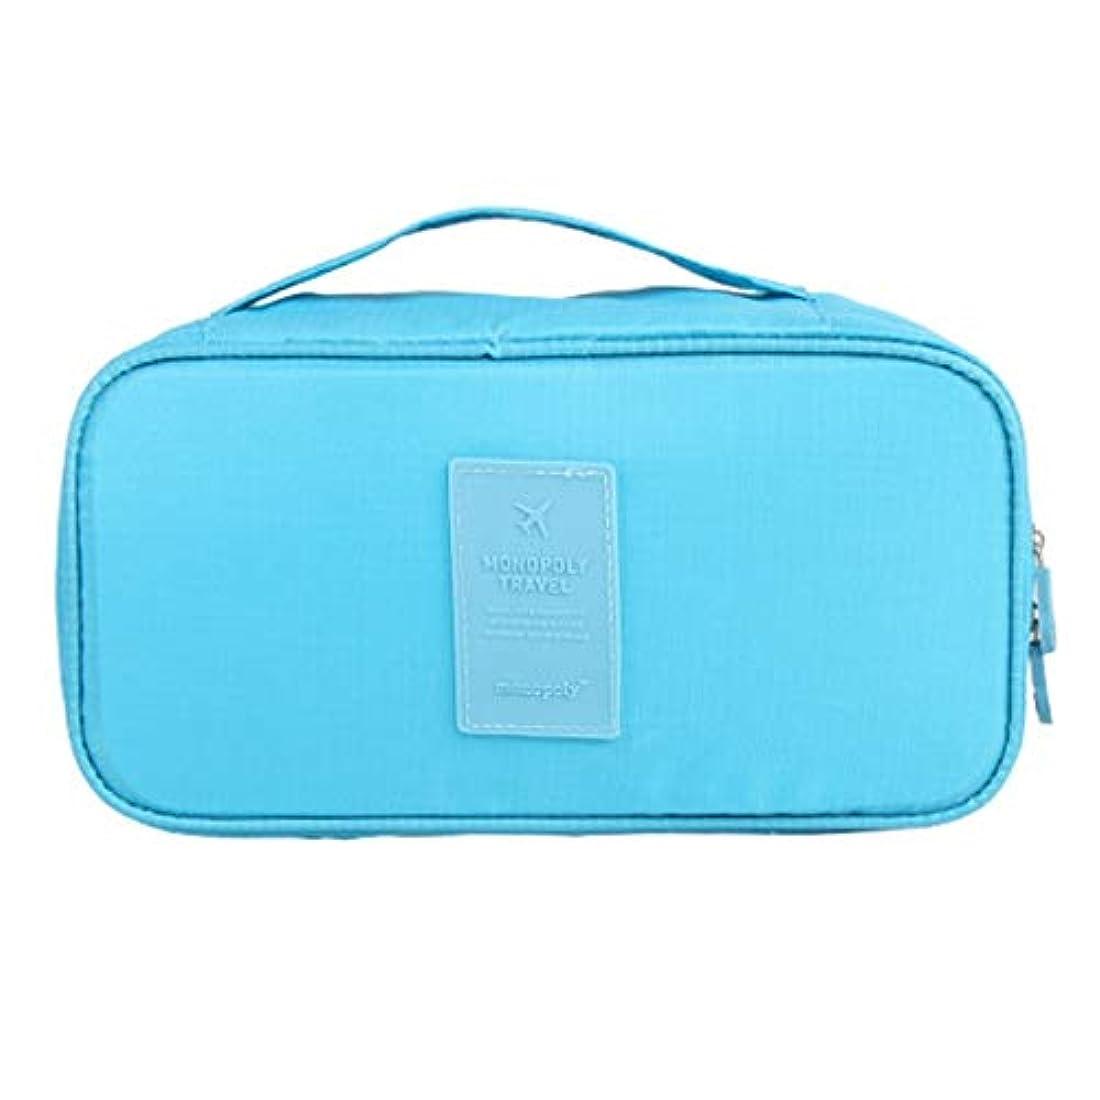 化粧オーガナイザーバッグ 旅行用品旅行用シェービングヘアバッグ 化粧品ケース (色 : 青)